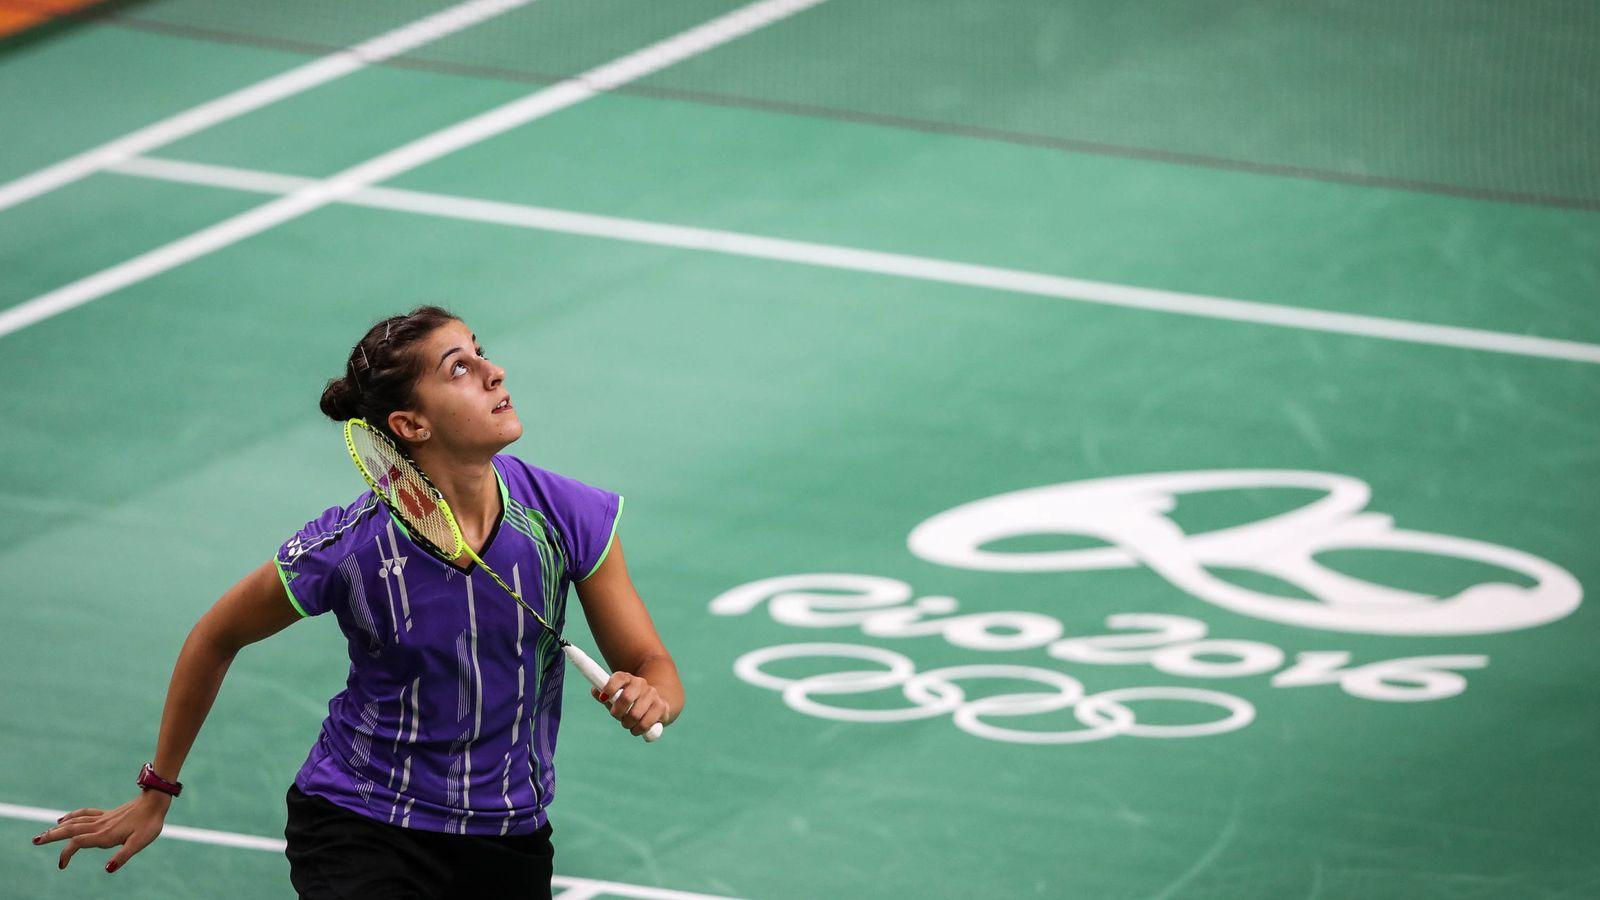 Foto: Carolina Marín durante un entrenamiento en Río. (Fernando Bizerra/EFE)